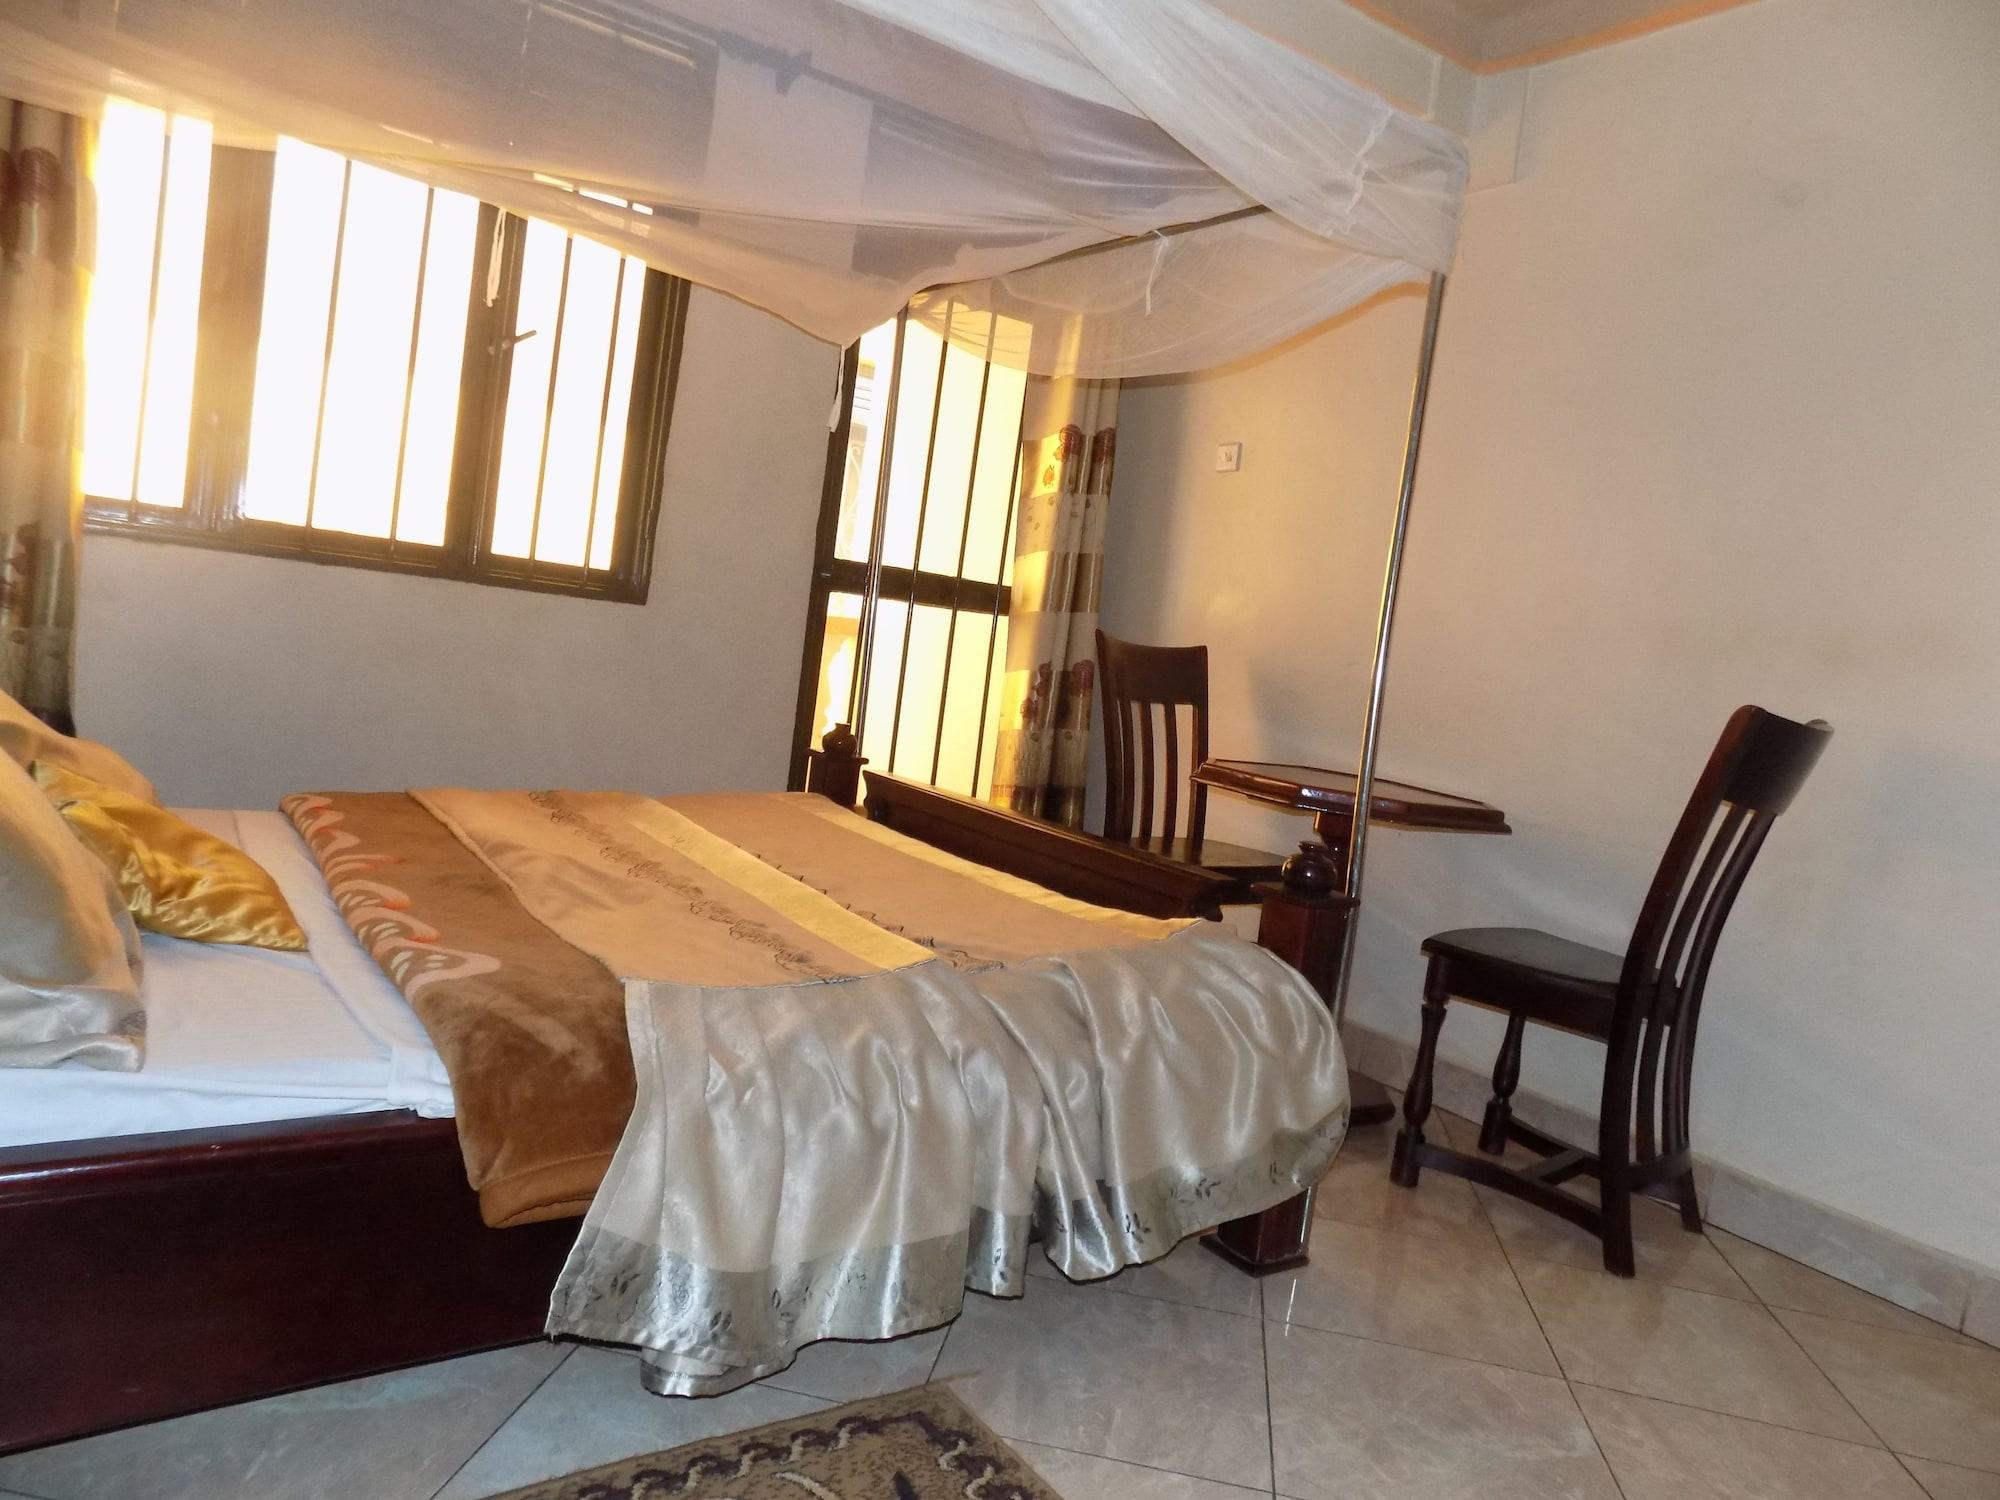 Bema Hotel, Mbarara